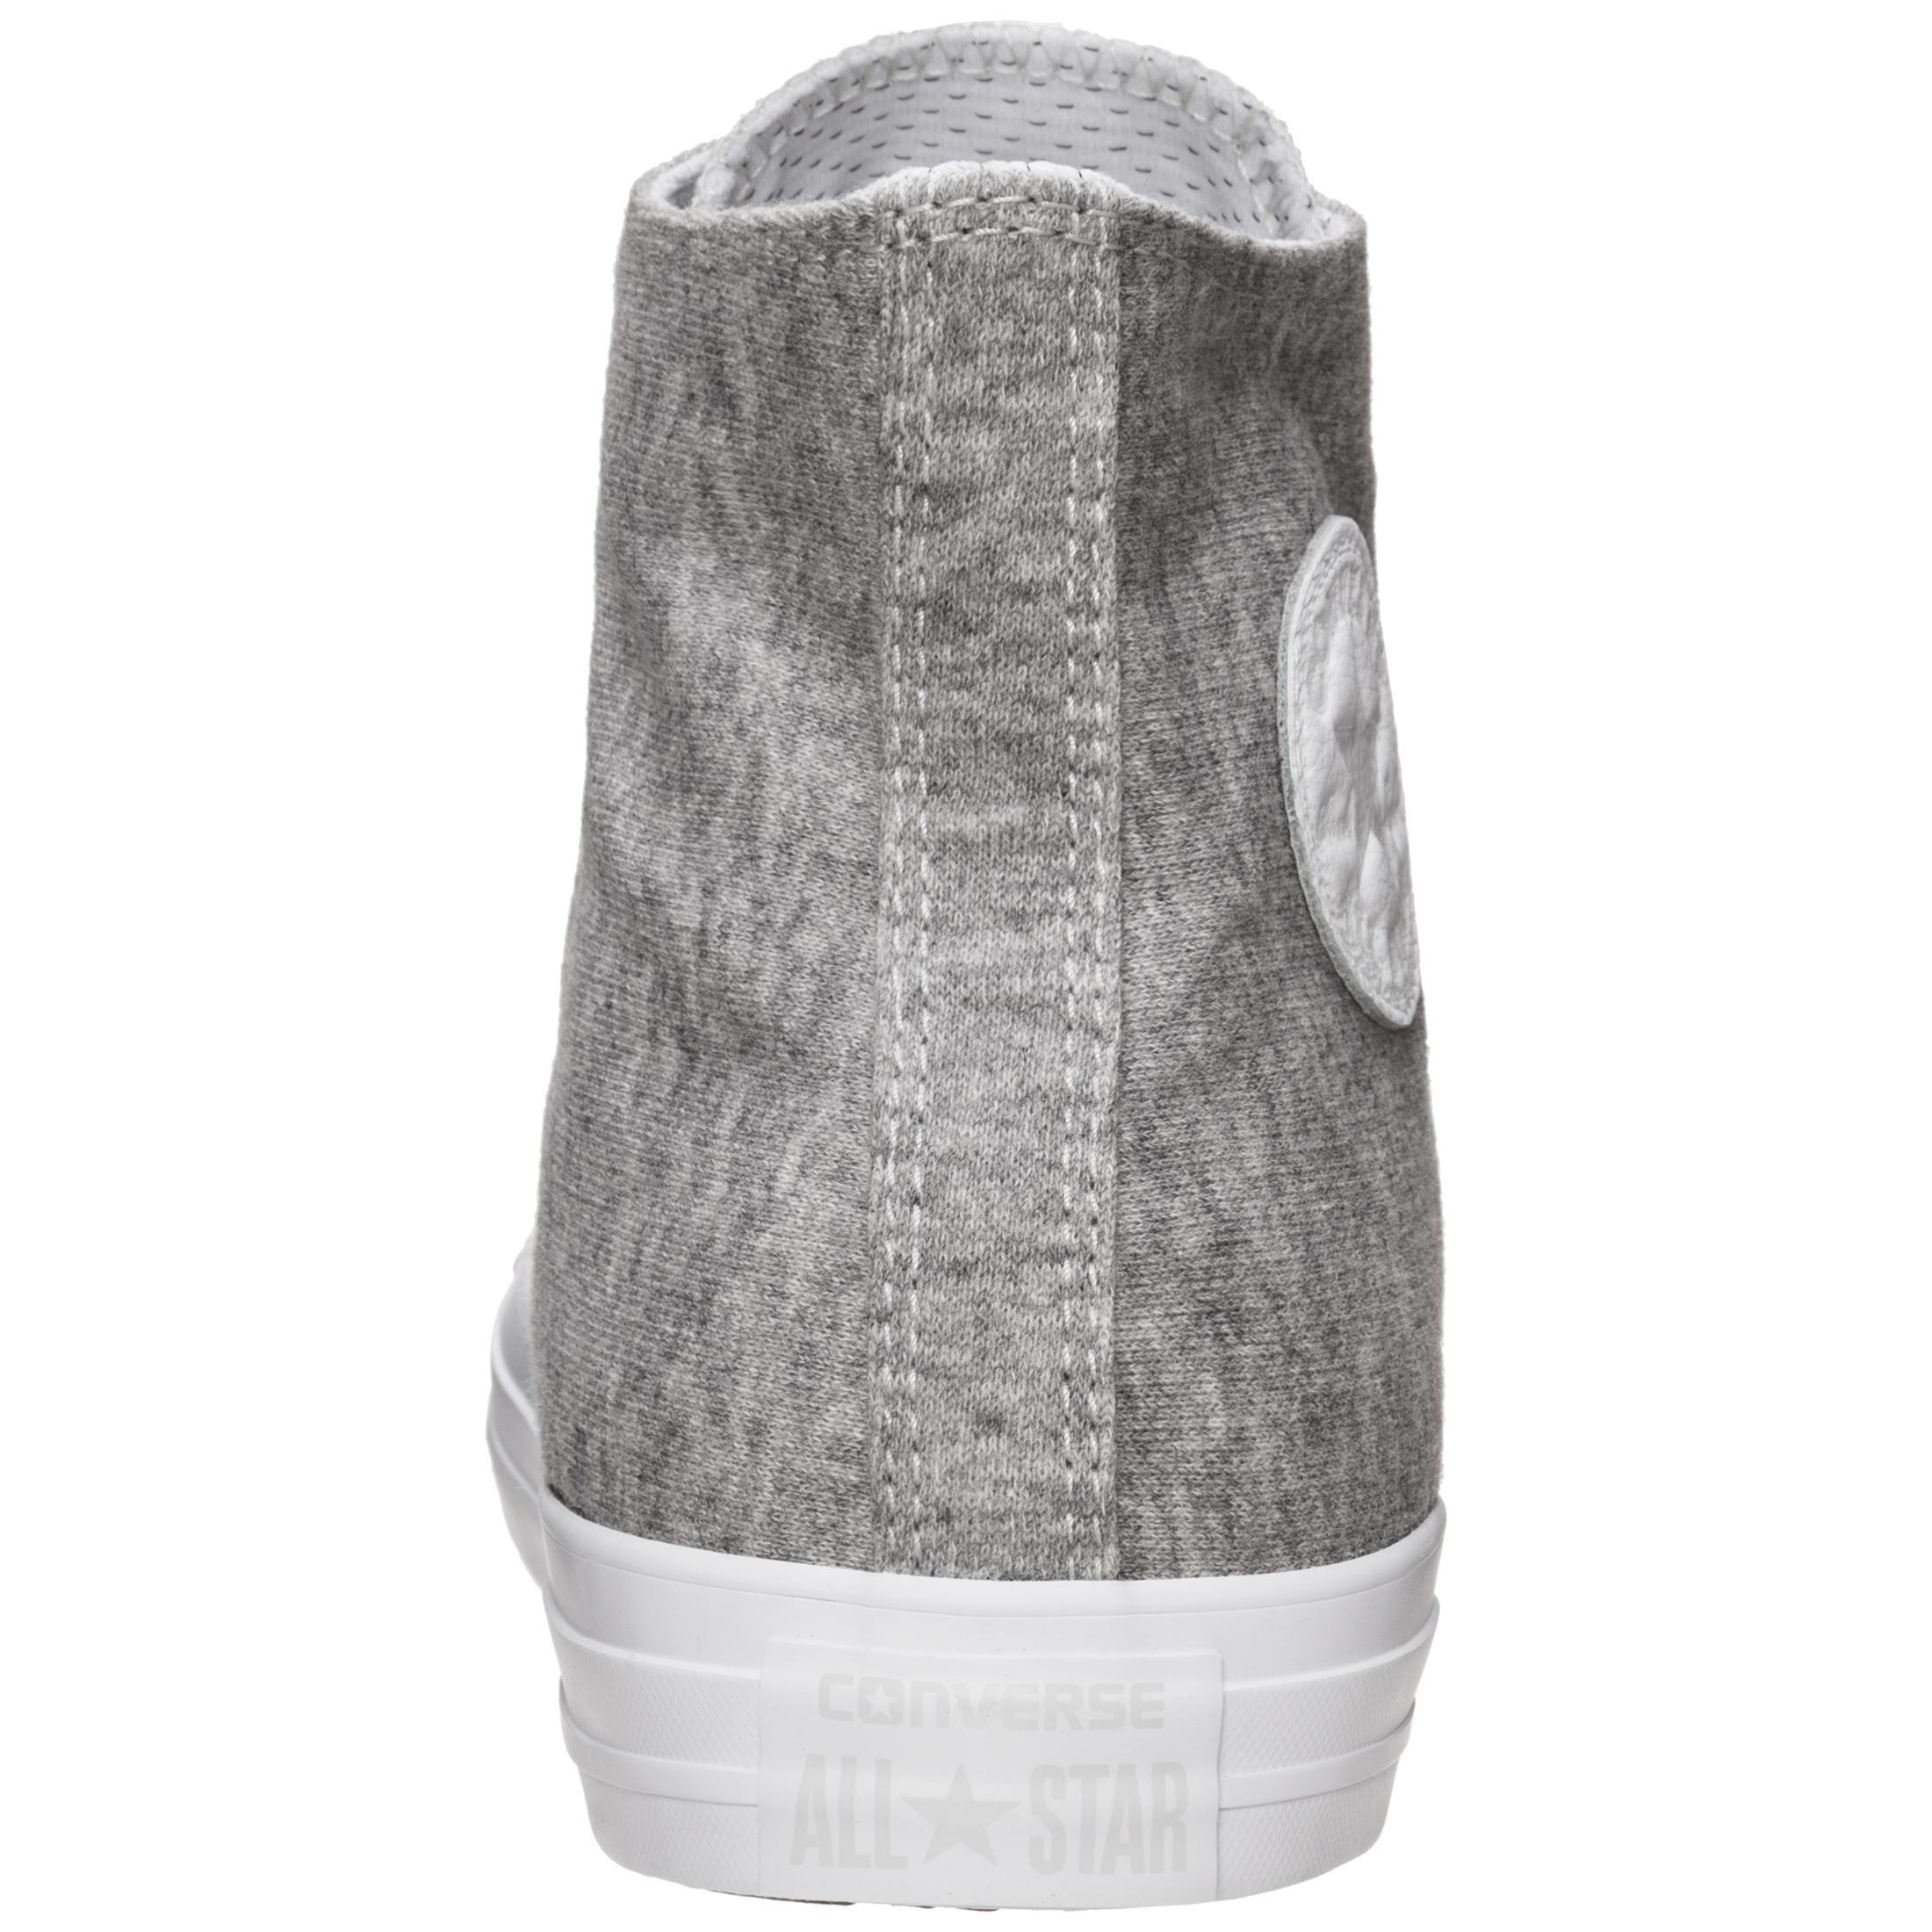 CONVERSE Chuck Taylor All Star High Turnschuhe Herren grau grau grau   weiß im Online Shop von SportScheck kaufen Gute Qualität beliebte Schuhe a35142